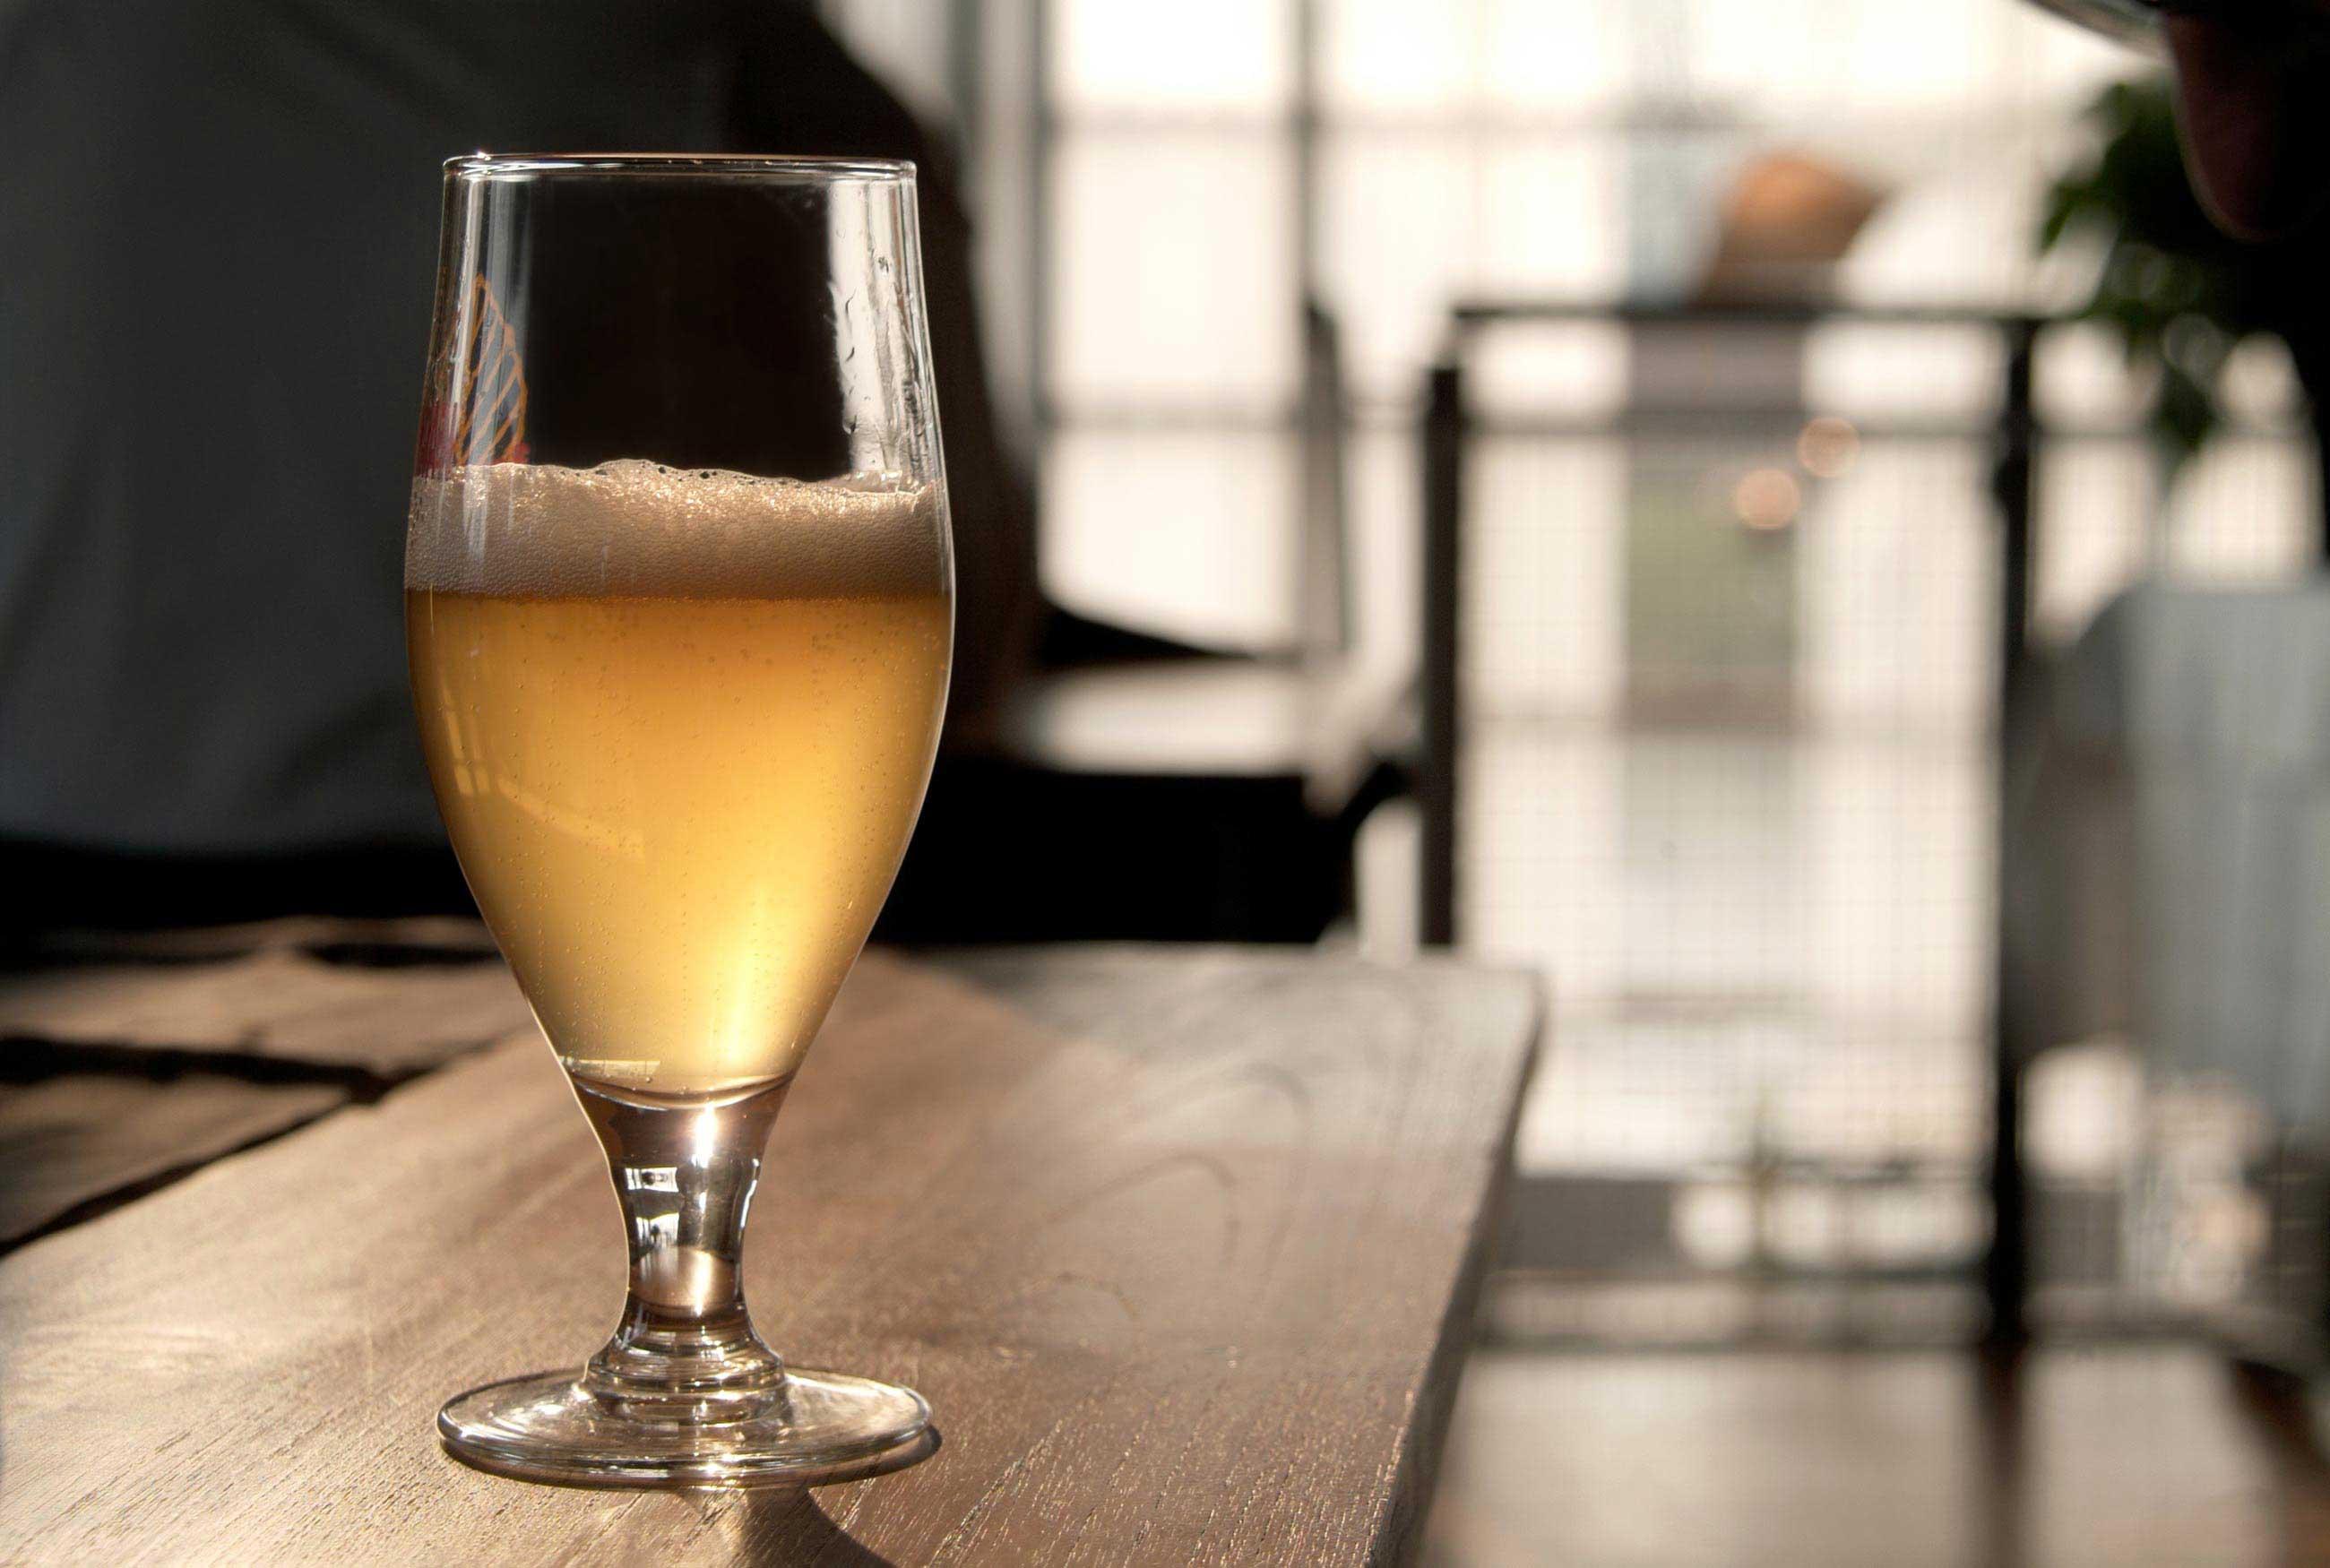 Ein kühles Bier genieBen